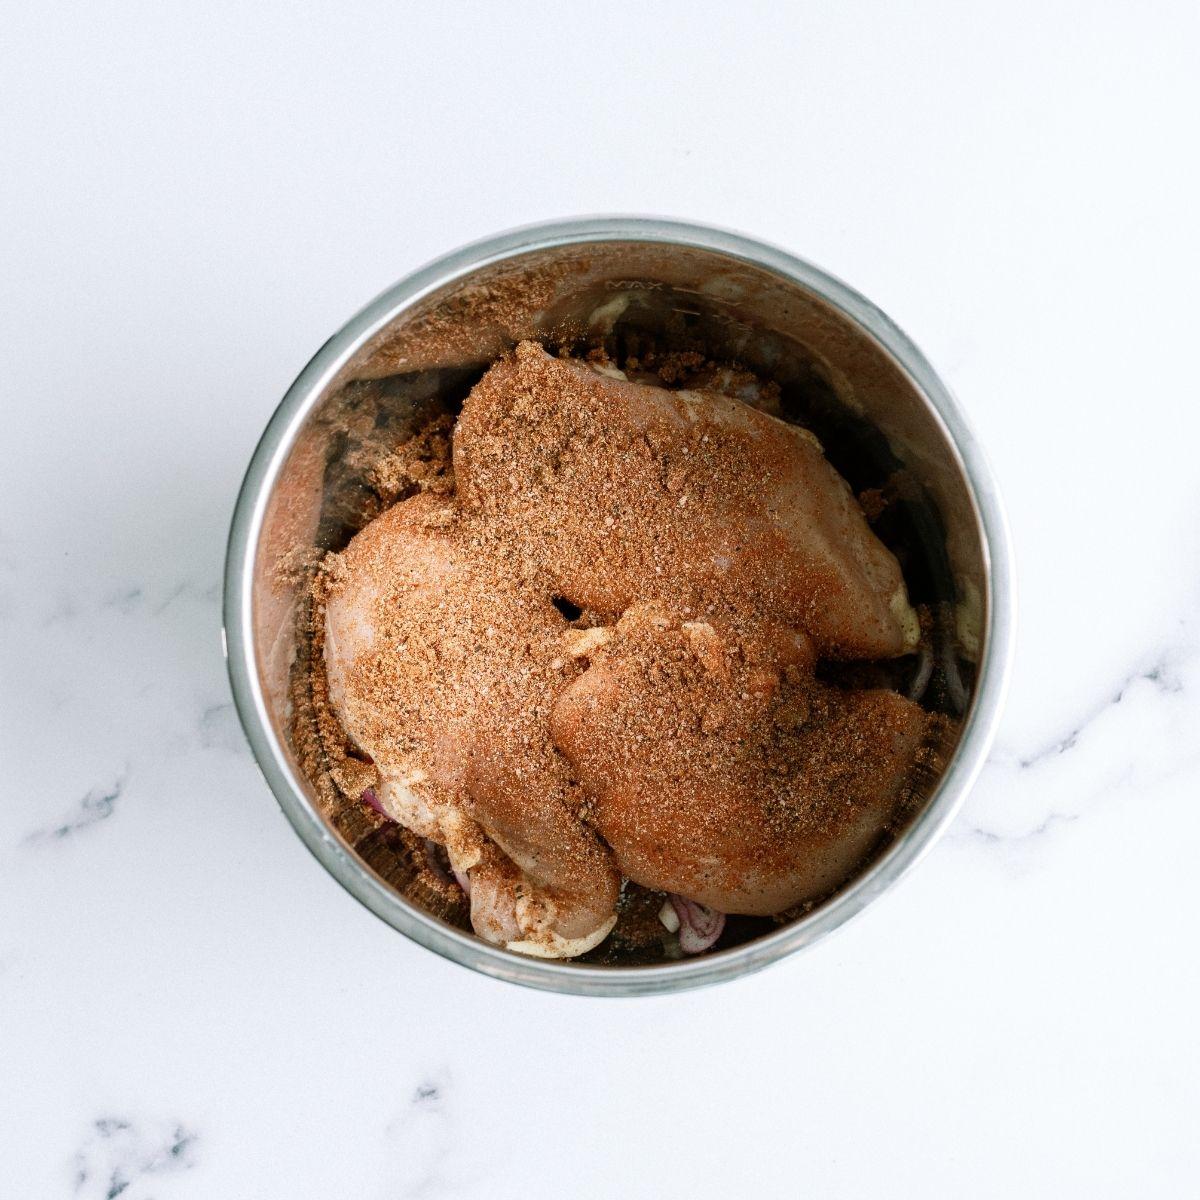 Seasoning on Chicken for Instant Pot BBQ chicken sandwiches